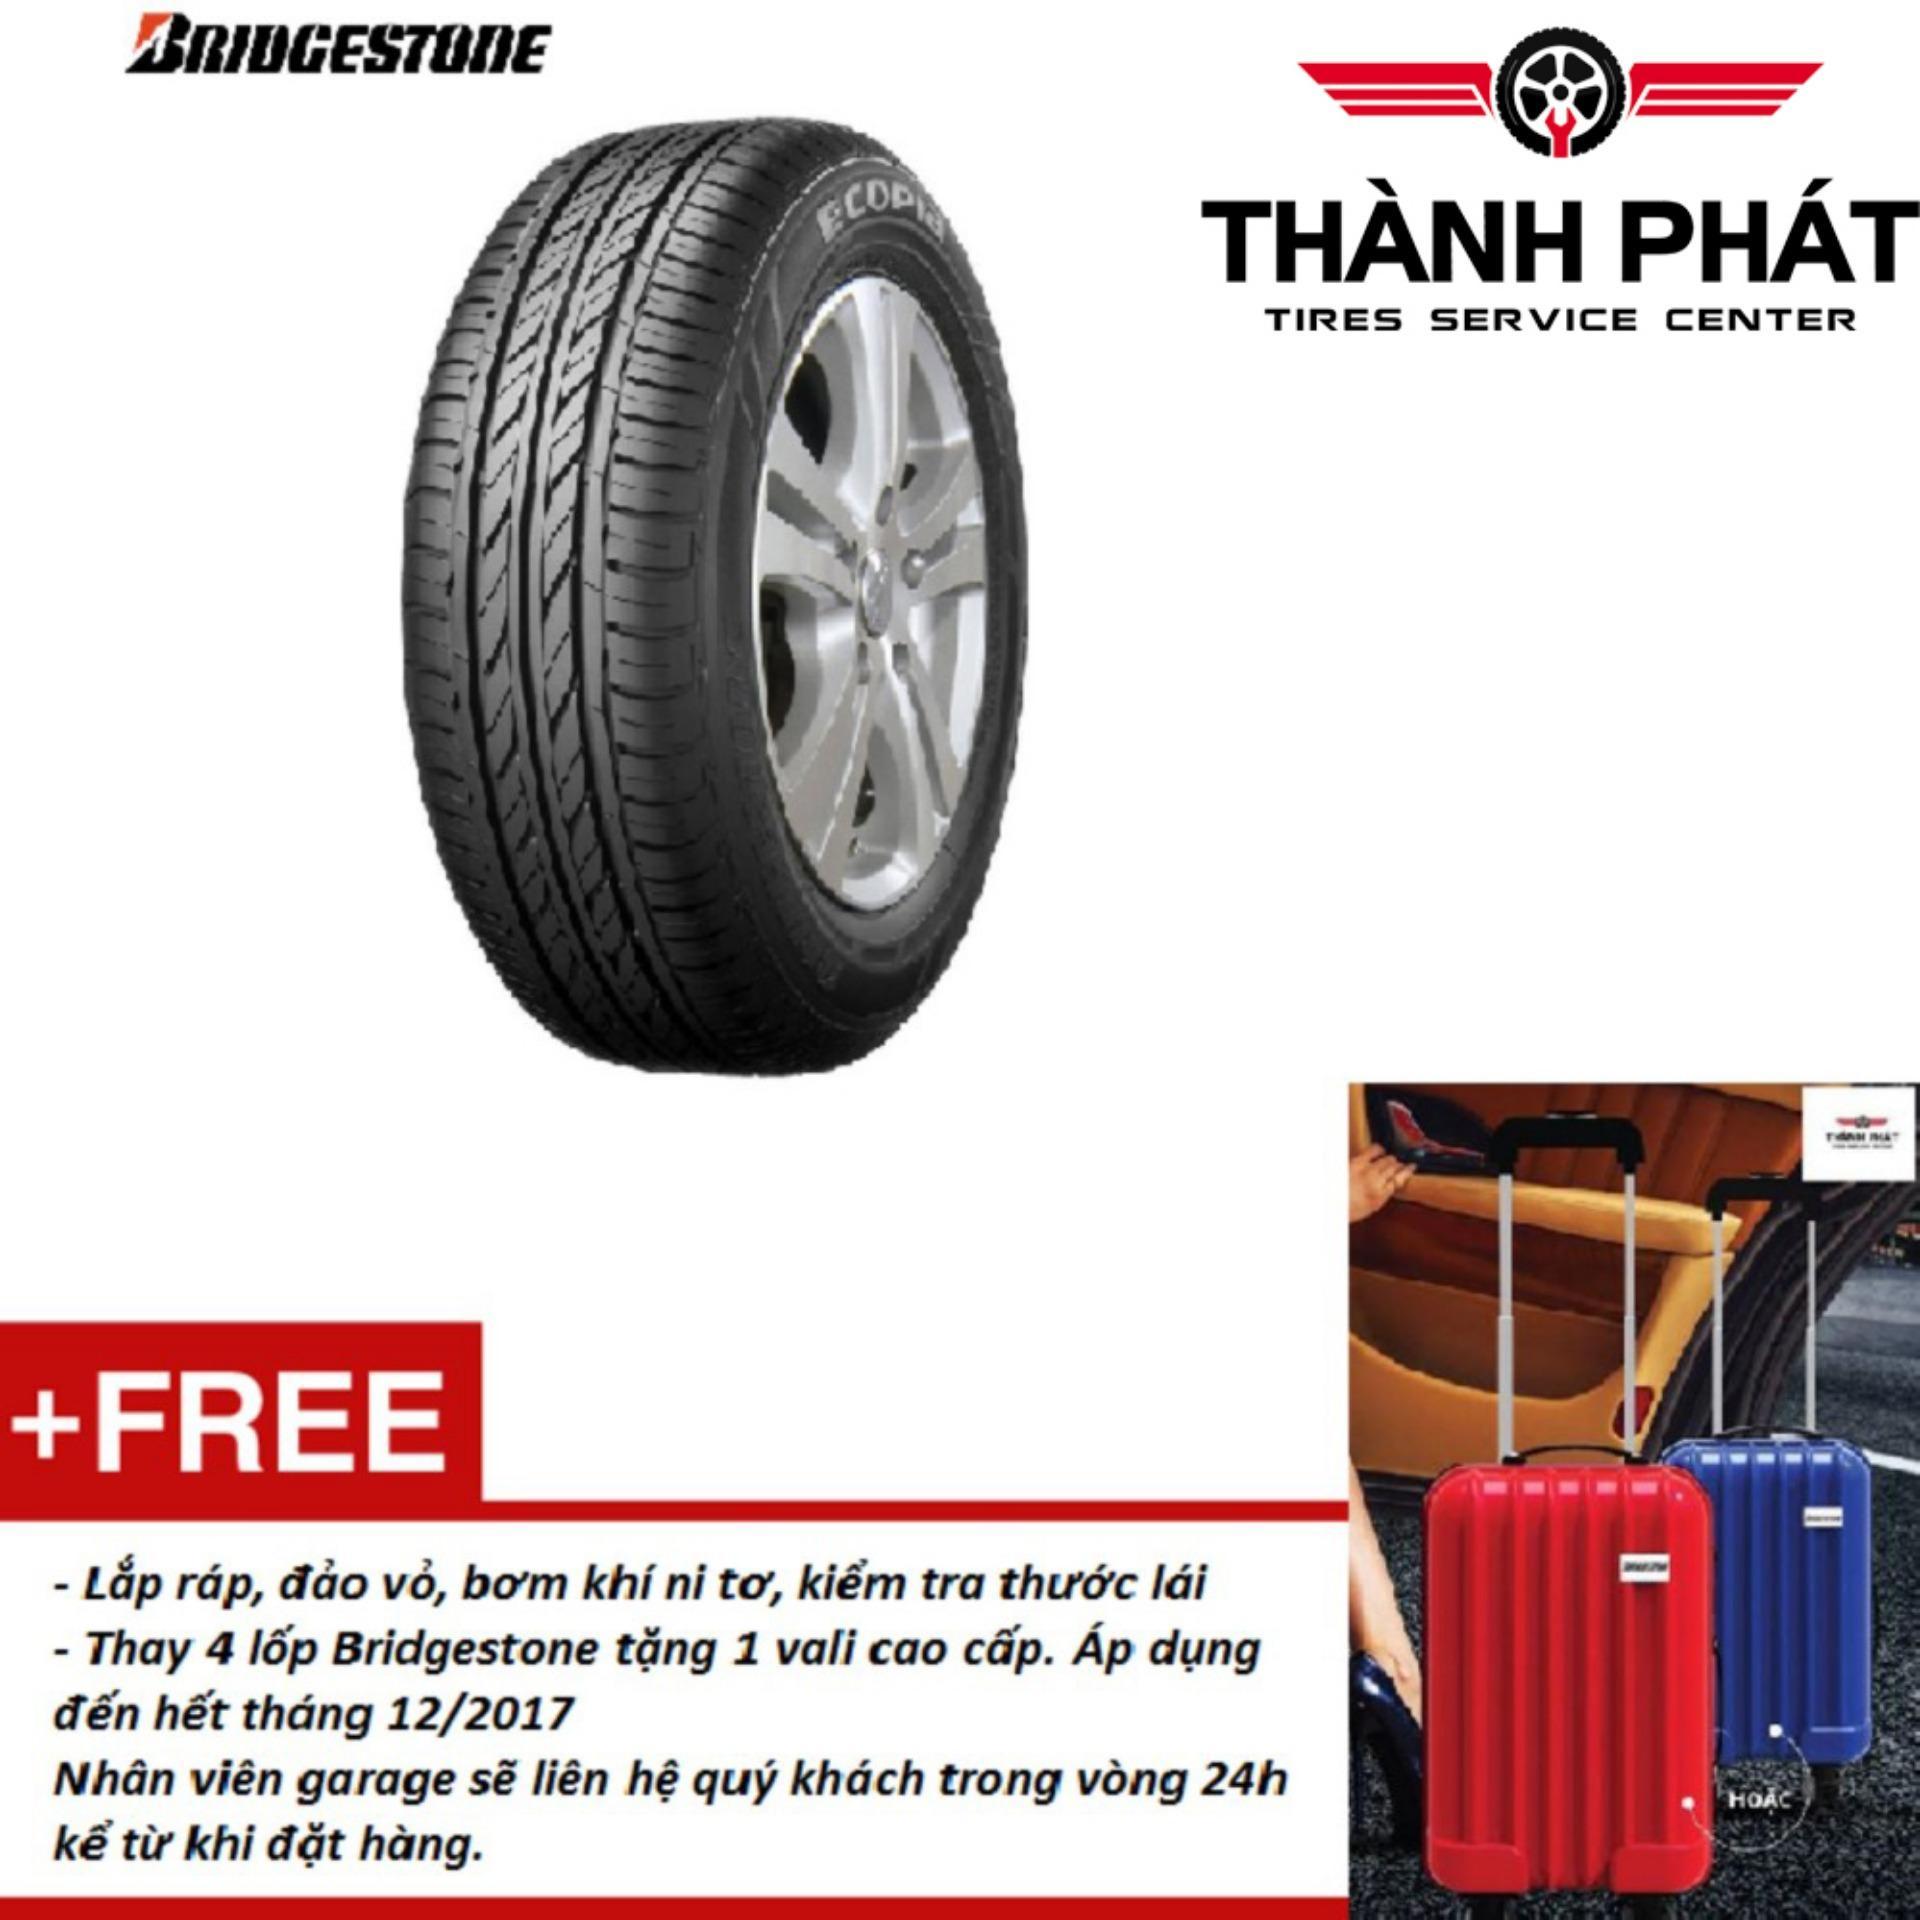 Lốp Xe O To Bridgestone Ecopia 185 65R15 Miễn Phi Lắp Đặt Hồ Chí Minh Chiết Khấu